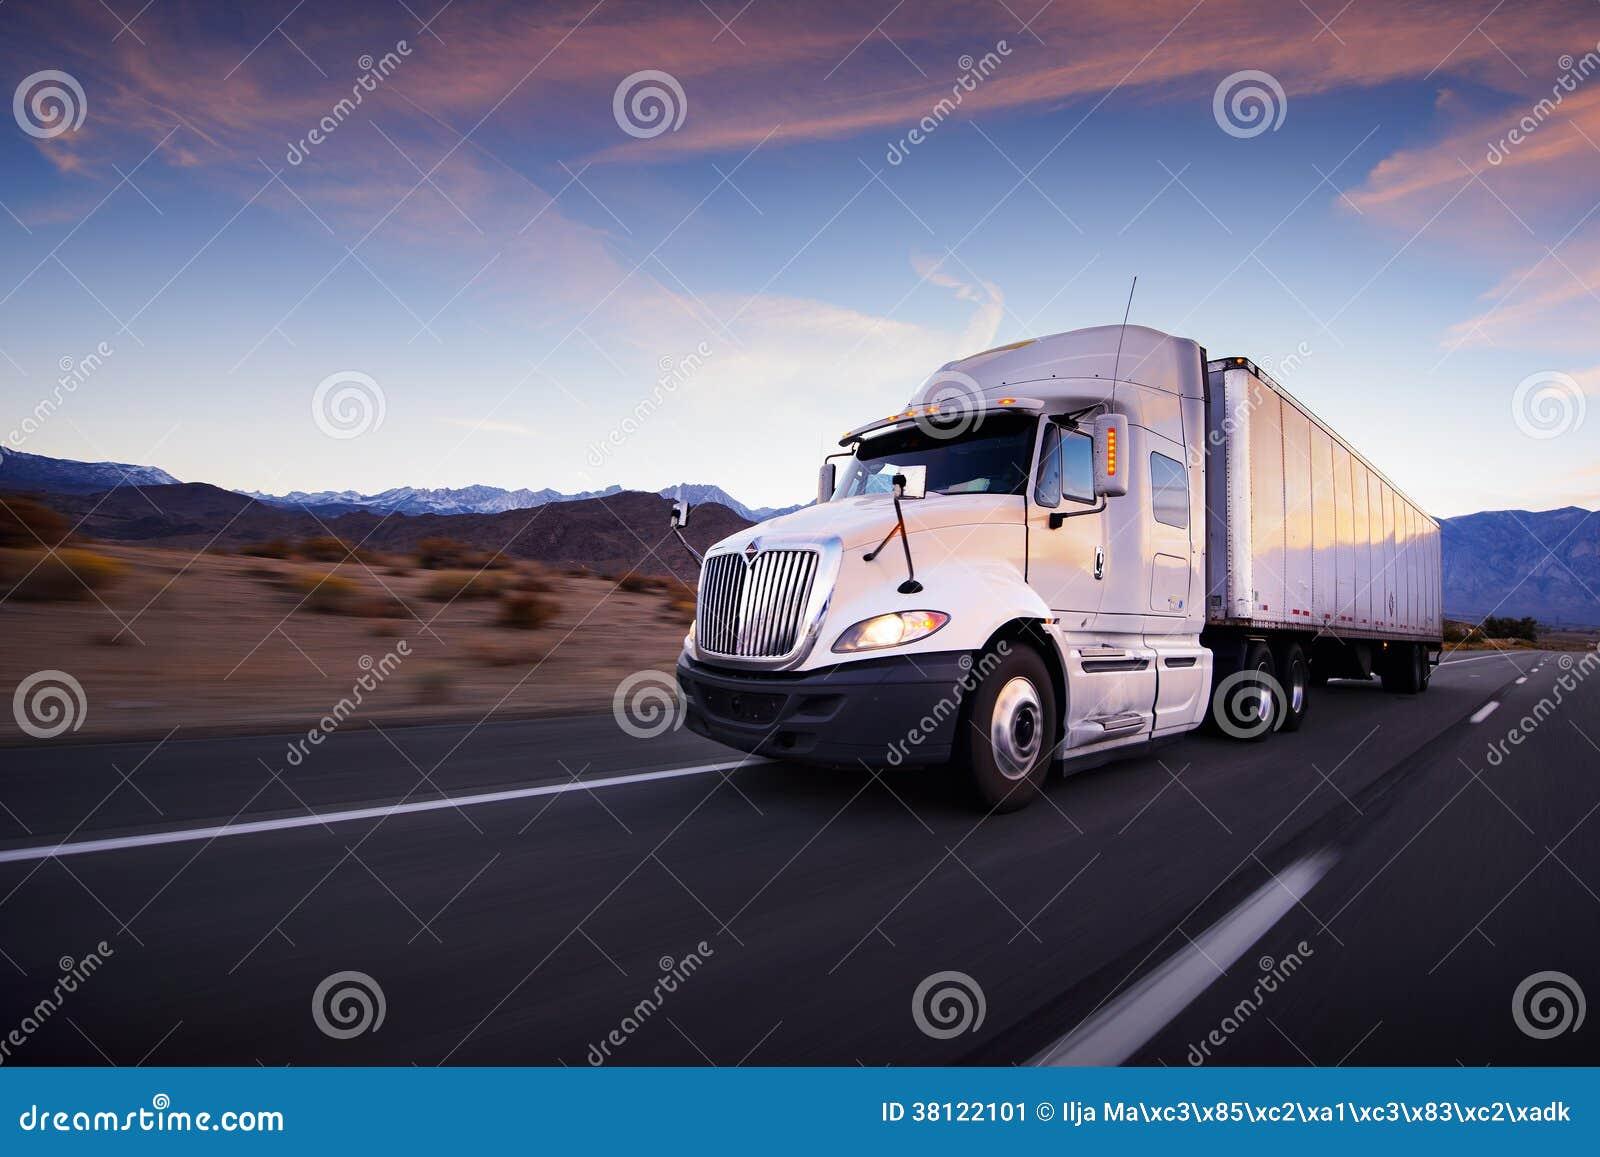 Φορτηγό και εθνική οδός στο ηλιοβασίλεμα - υπόβαθρο μεταφορών